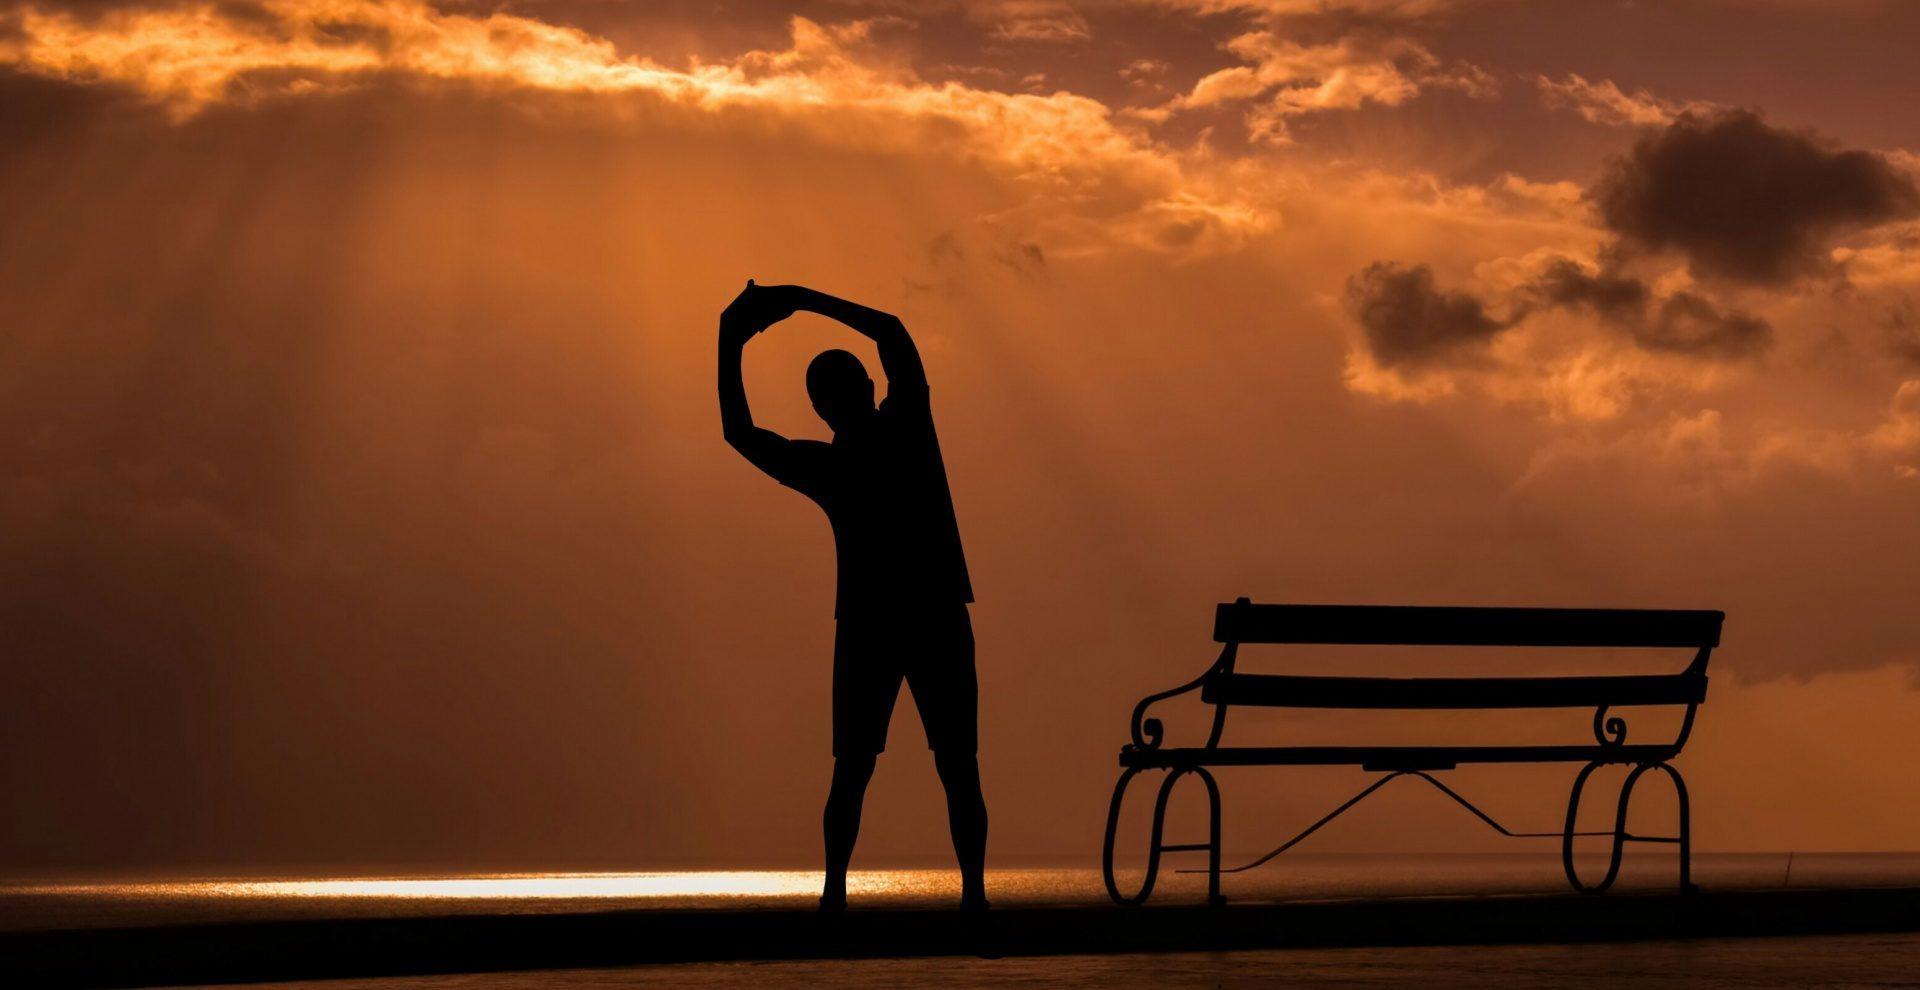 Večerní cvičení je výhodnější kvůli klidnějšímu prostředí. (volné dílo)